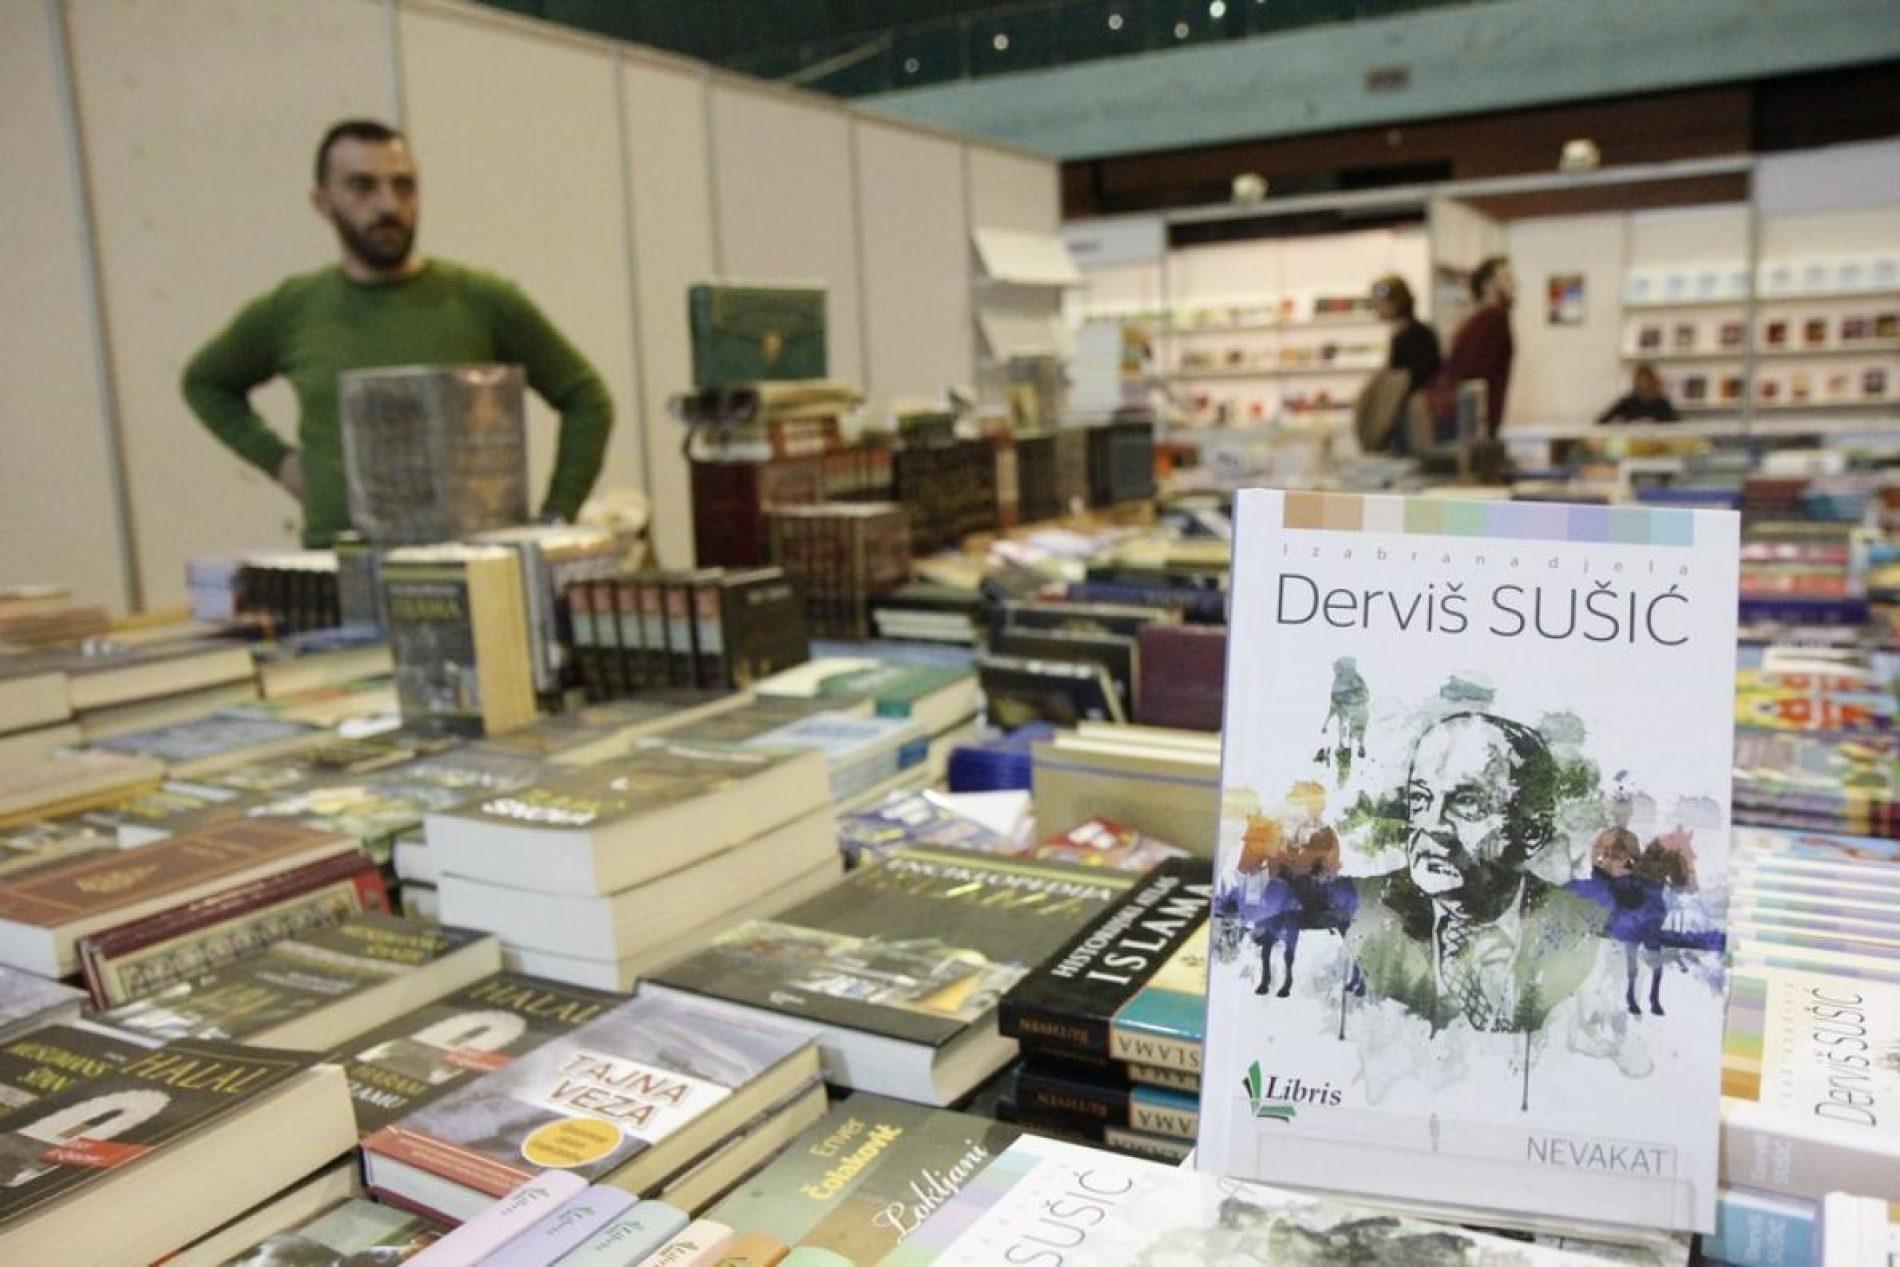 Sarajevski sajam knjiga: Nagrada za najbolji izdavački poduhvat pripala je izdavačkoj kući Libris za štampanje izabranih djela Derviša Sušića